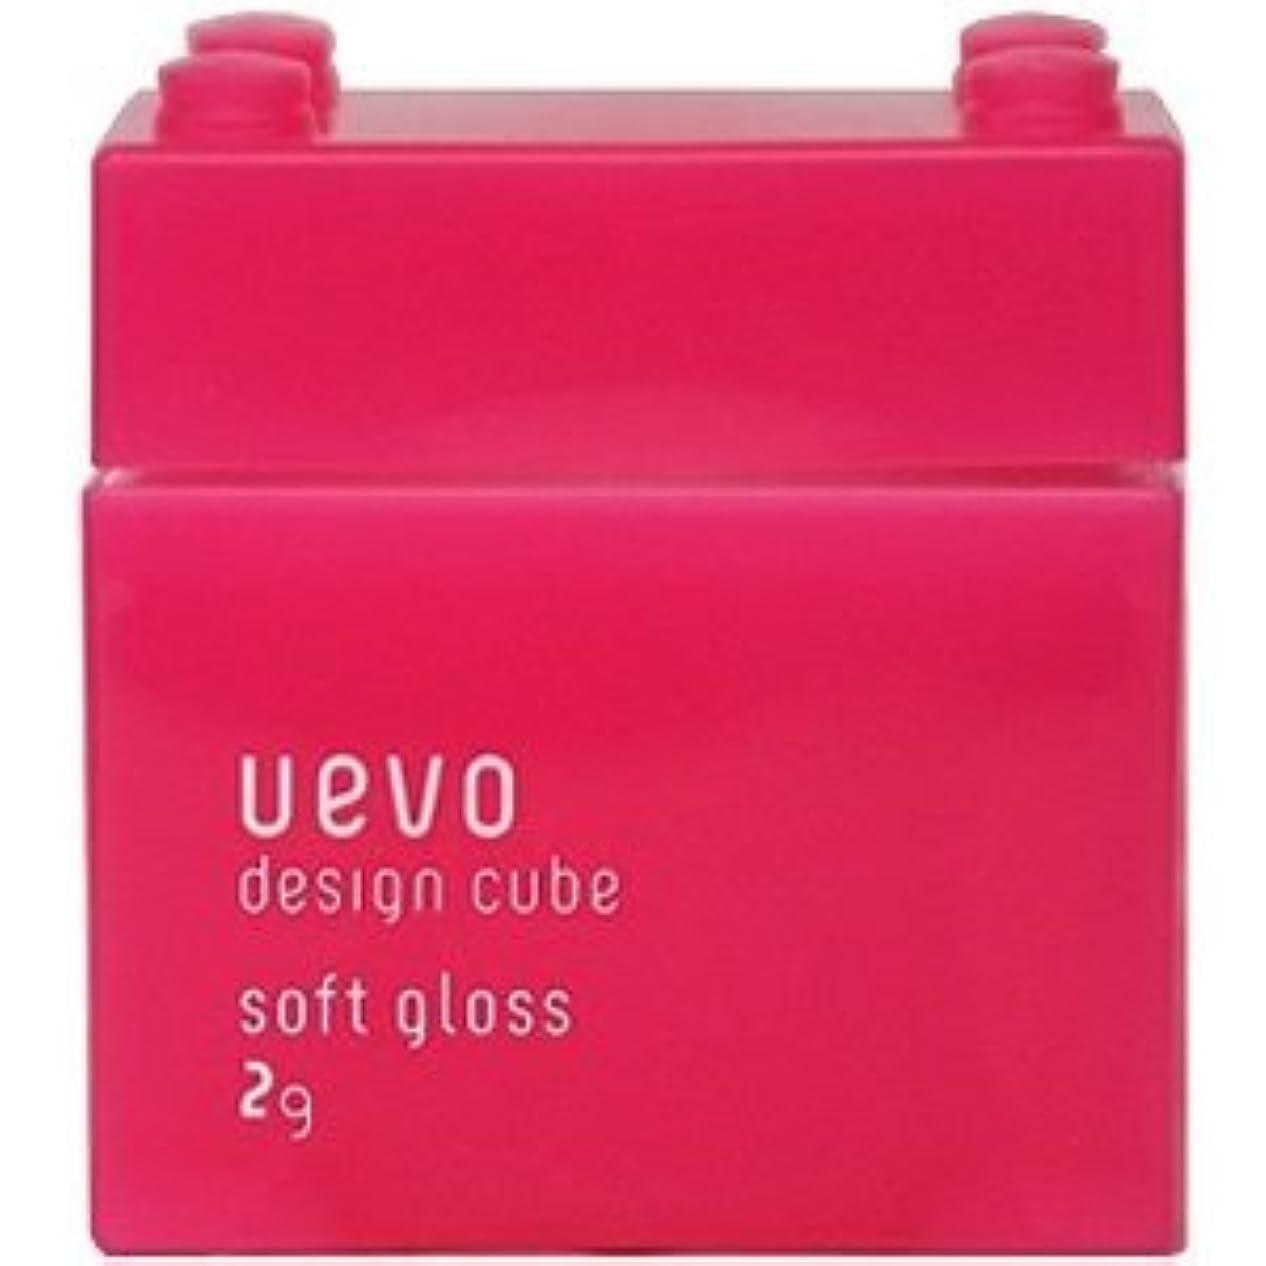 何もないコモランマ当社【X3個セット】 デミ ウェーボ デザインキューブ ソフトグロス 80g soft gloss DEMI uevo design cube